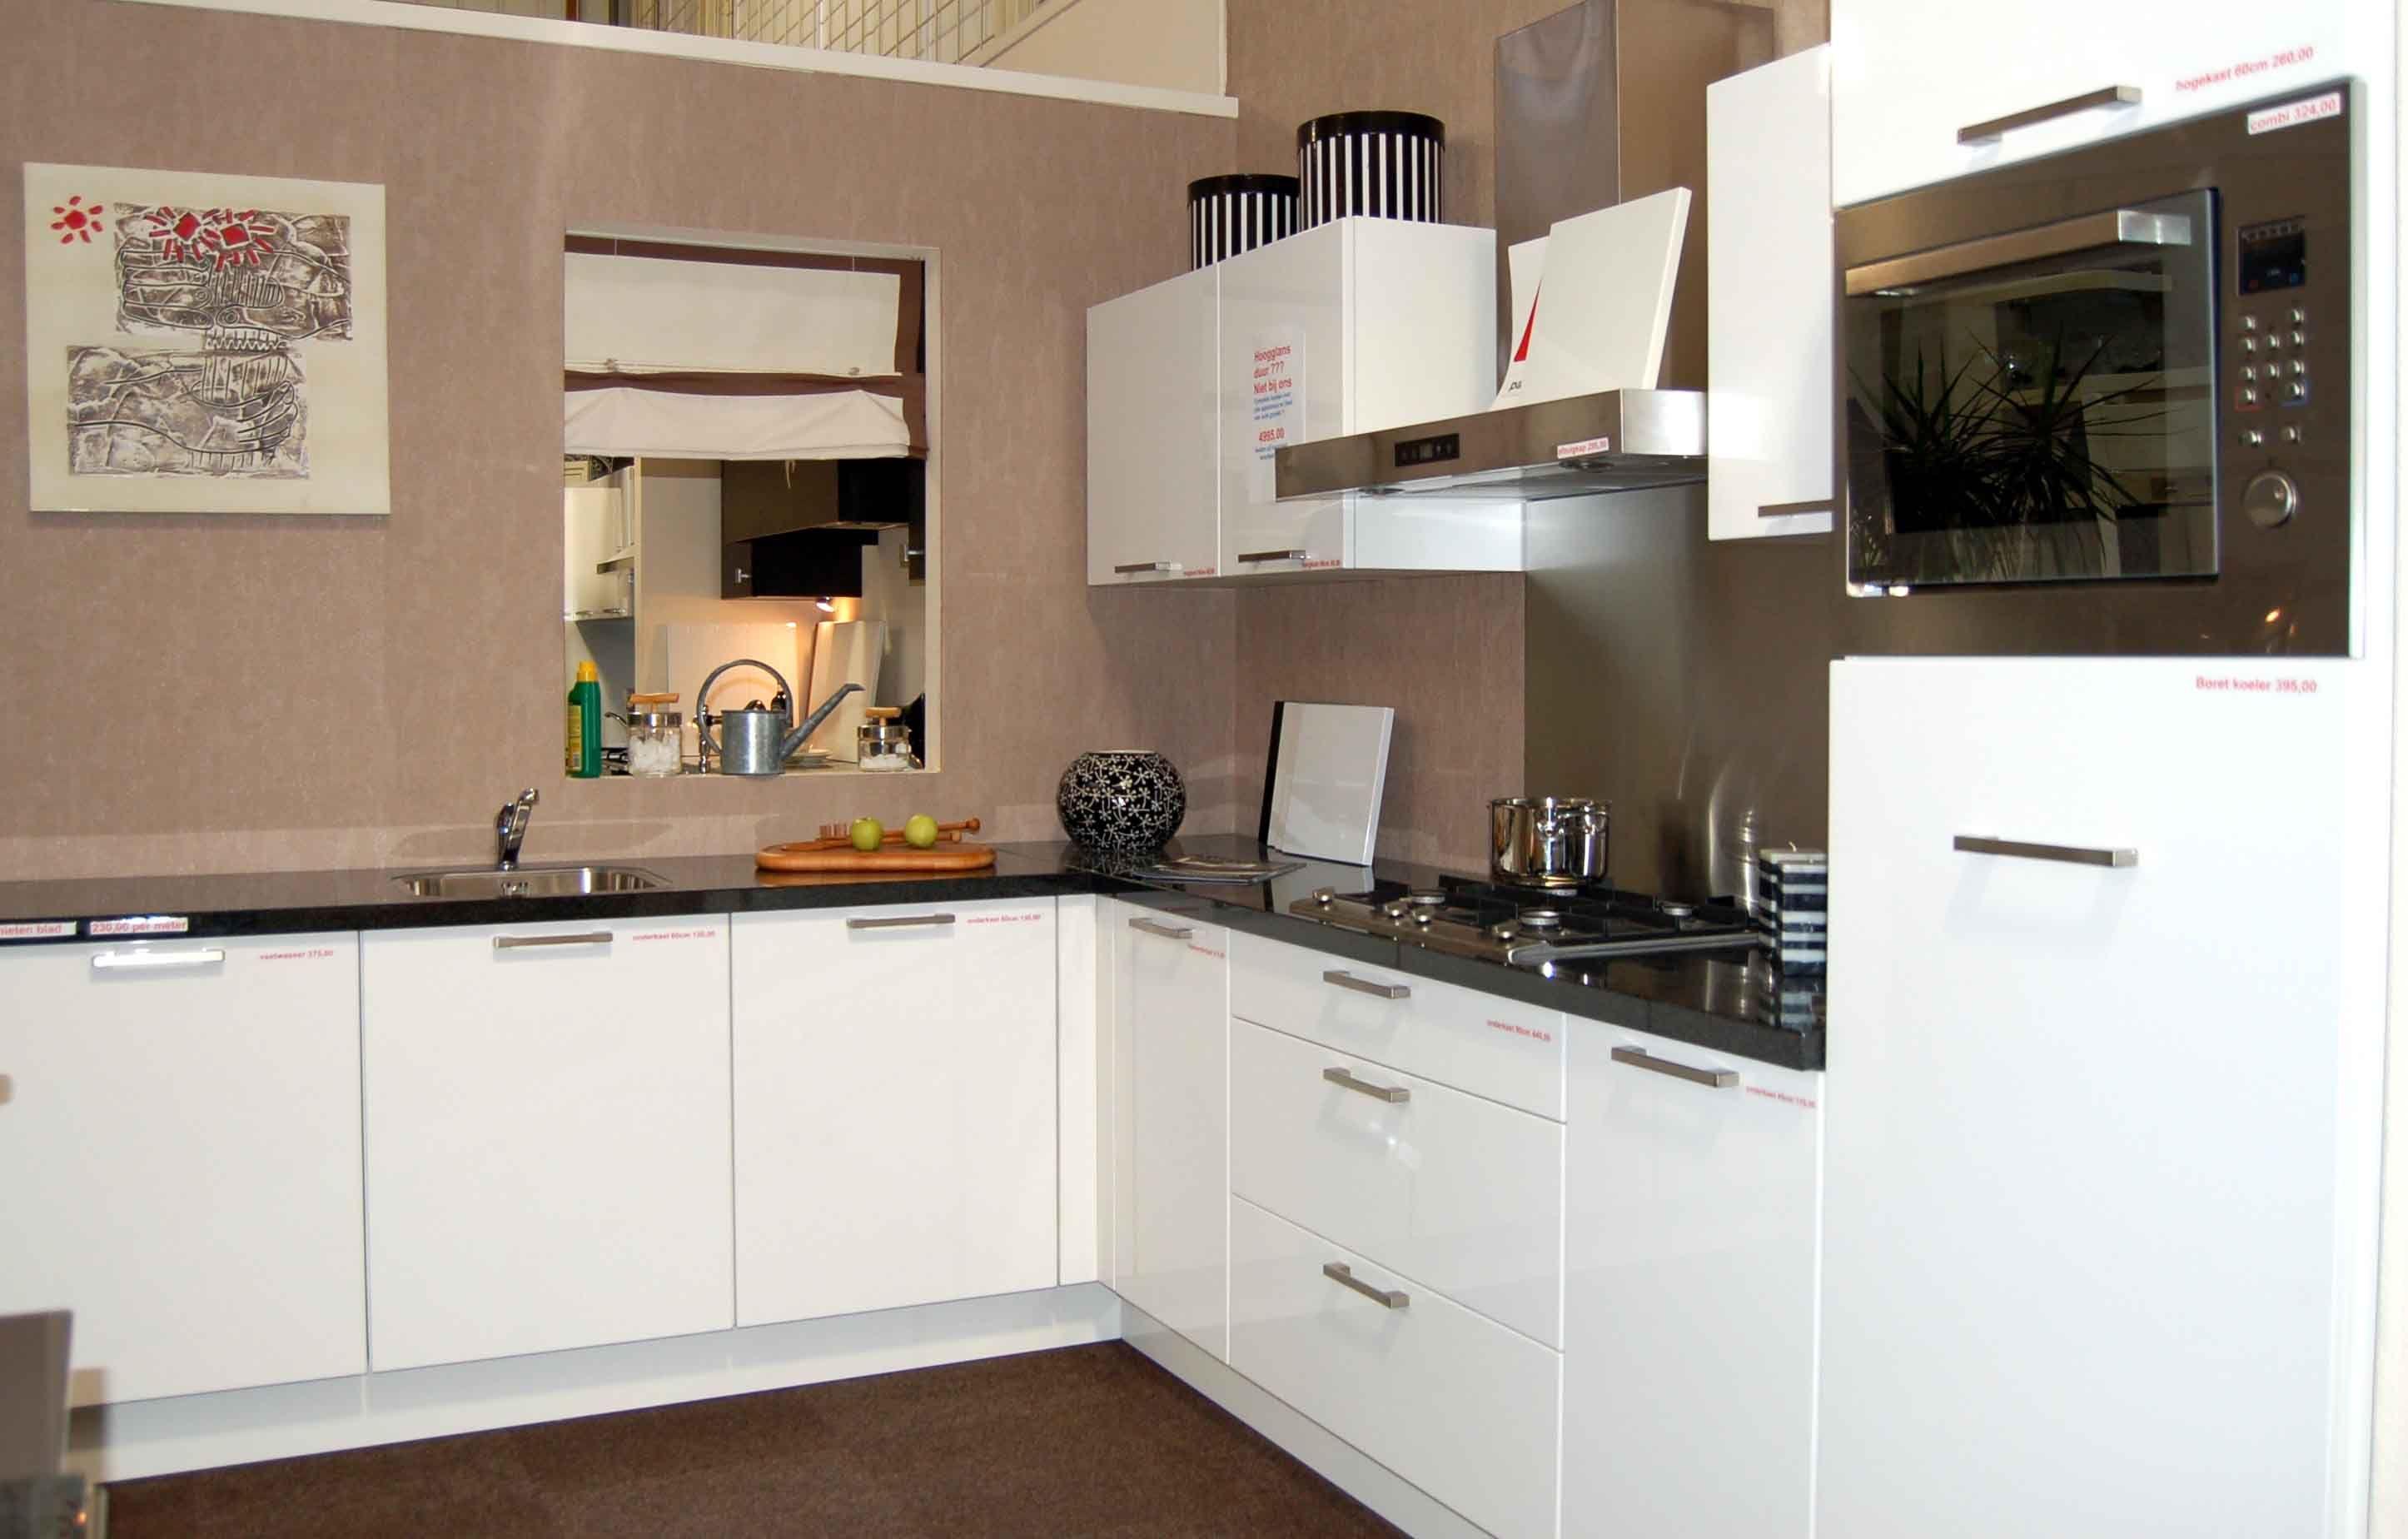 Witte lak keuken beste inspiratie voor interieur design en meubels idee n - Keuken witte lak ...